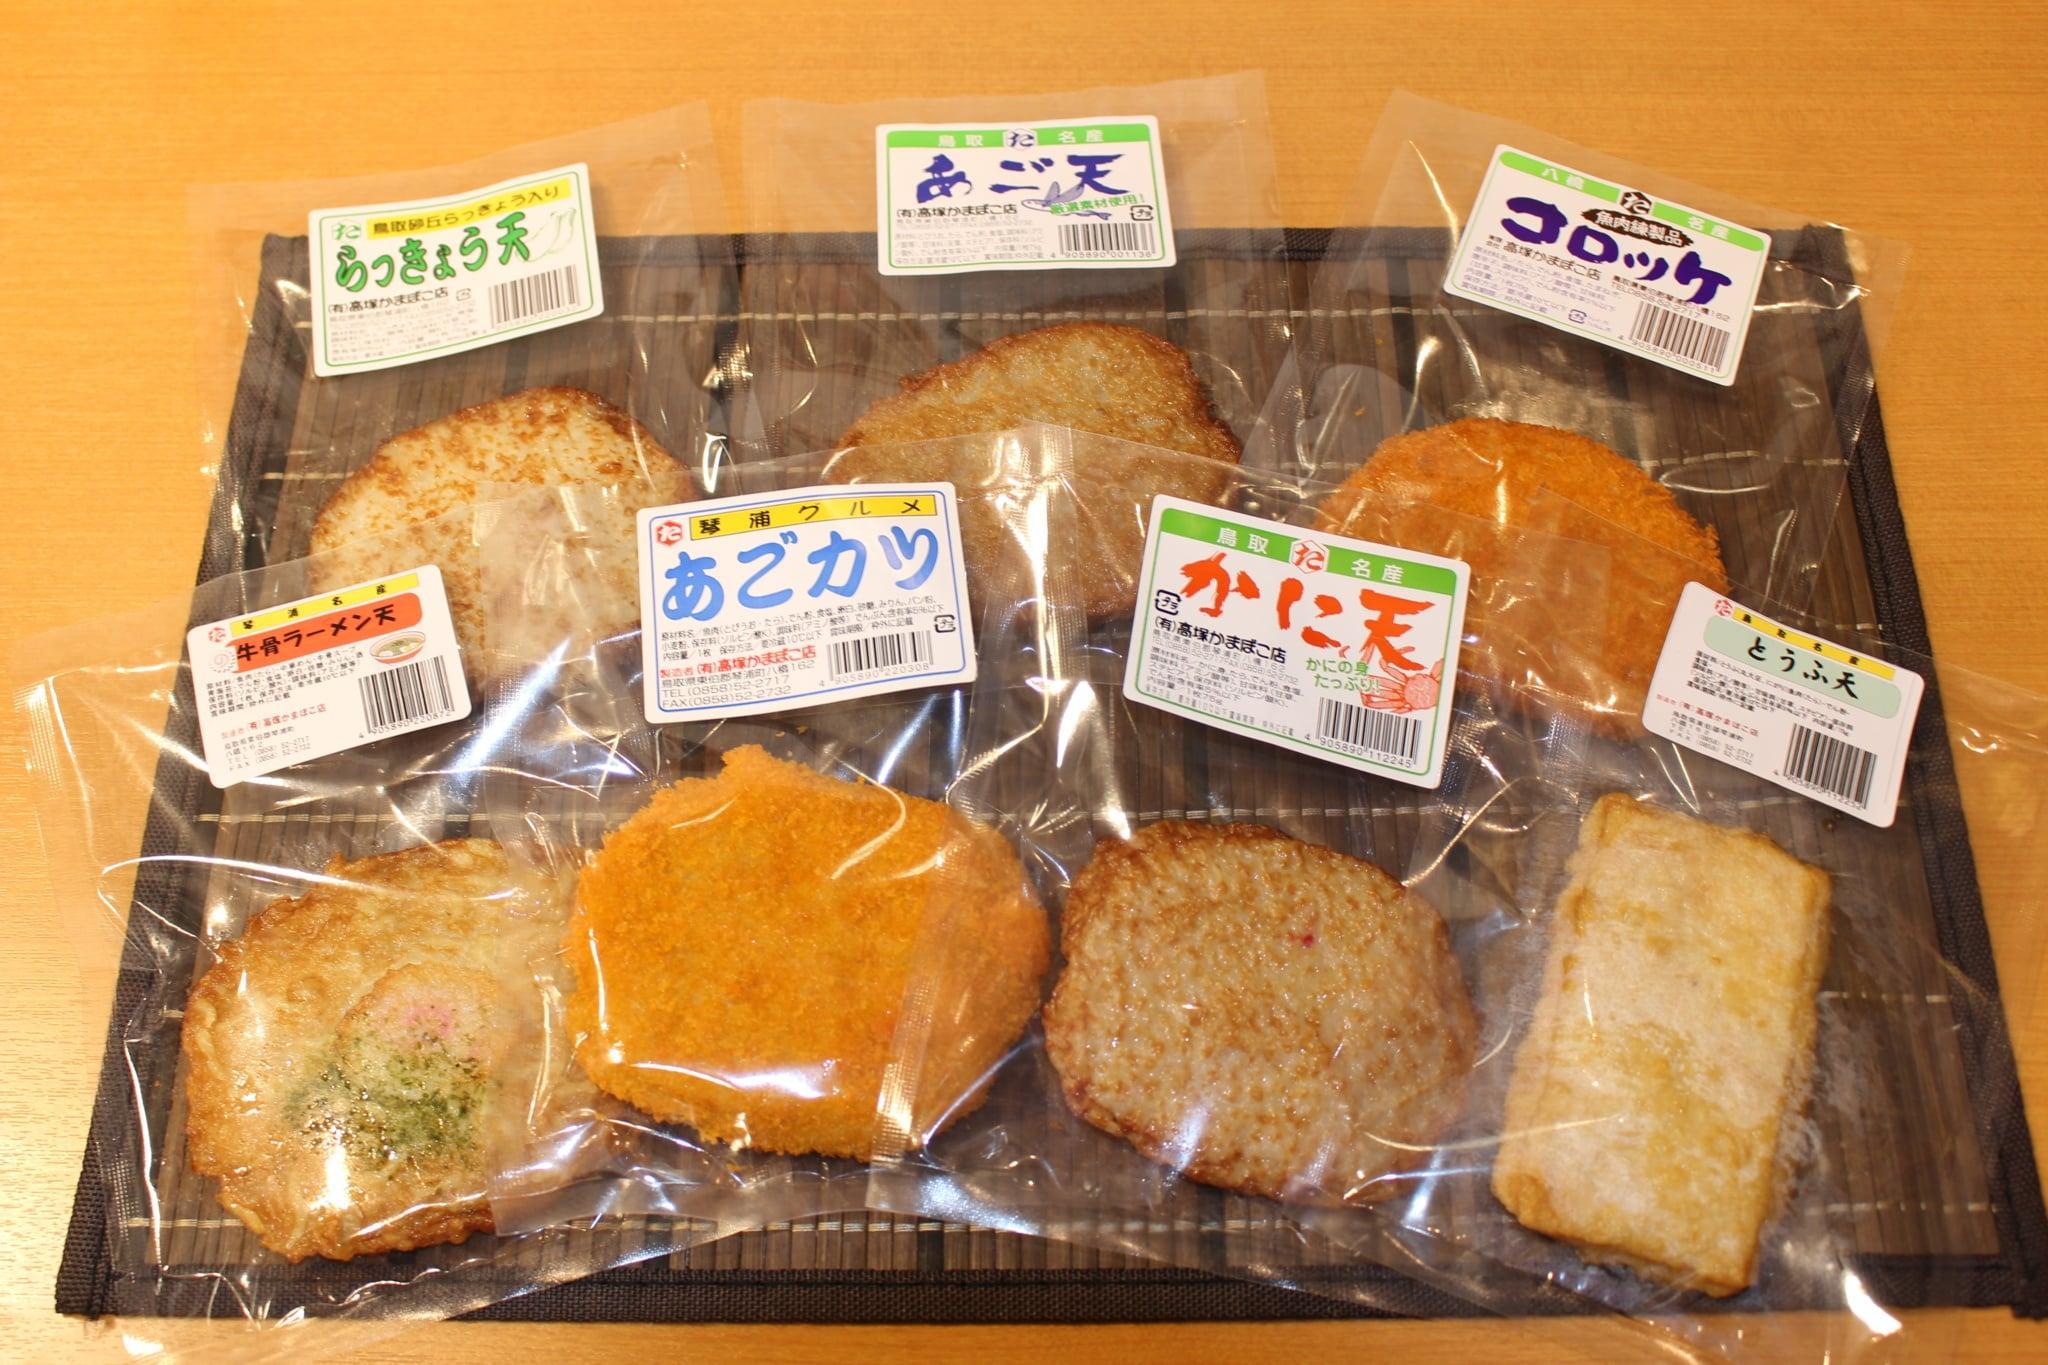 天ぷら 練り物